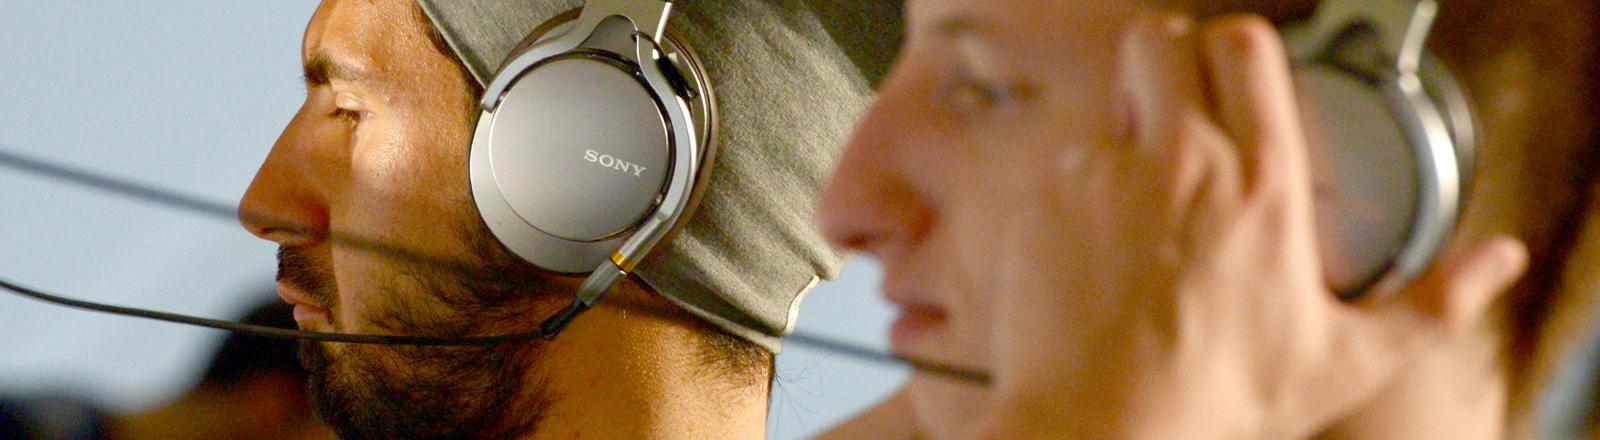 Neue Kopfhörer testen zwei Besucher am 06.09.2014 auf der Elektronikmesse IFA in Berlin auf dem Stand des Unternehmens Sony.